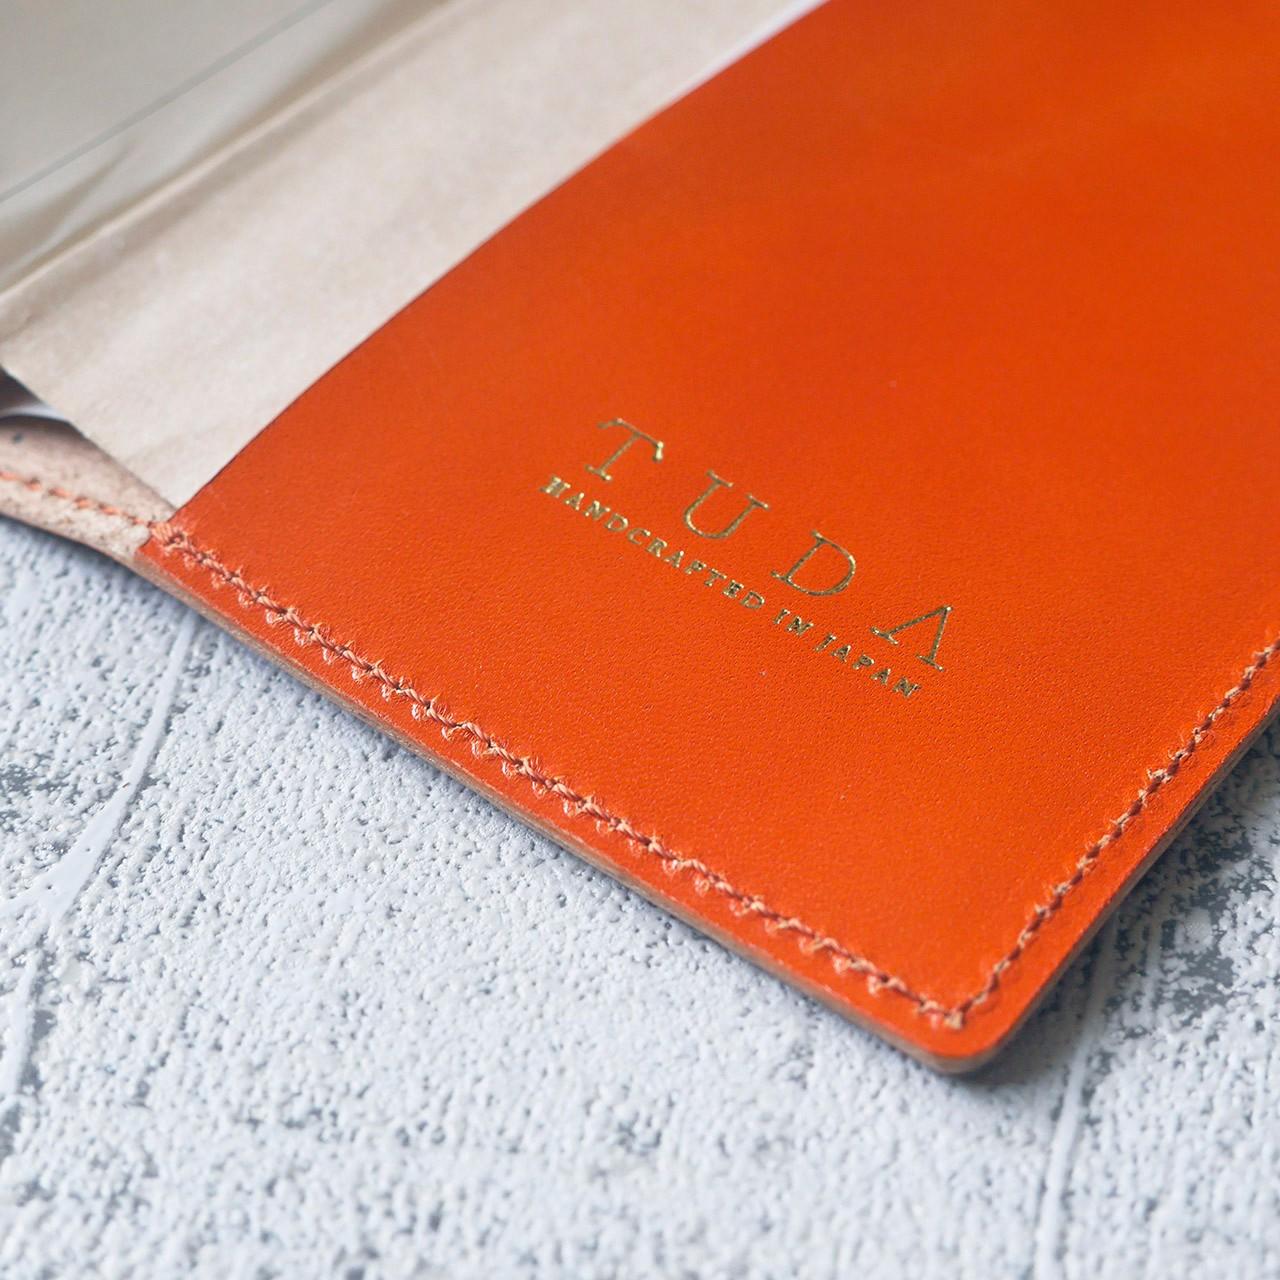 ブックカバーをはじめとする革小物はオレンジカラーのご希望が多いです。